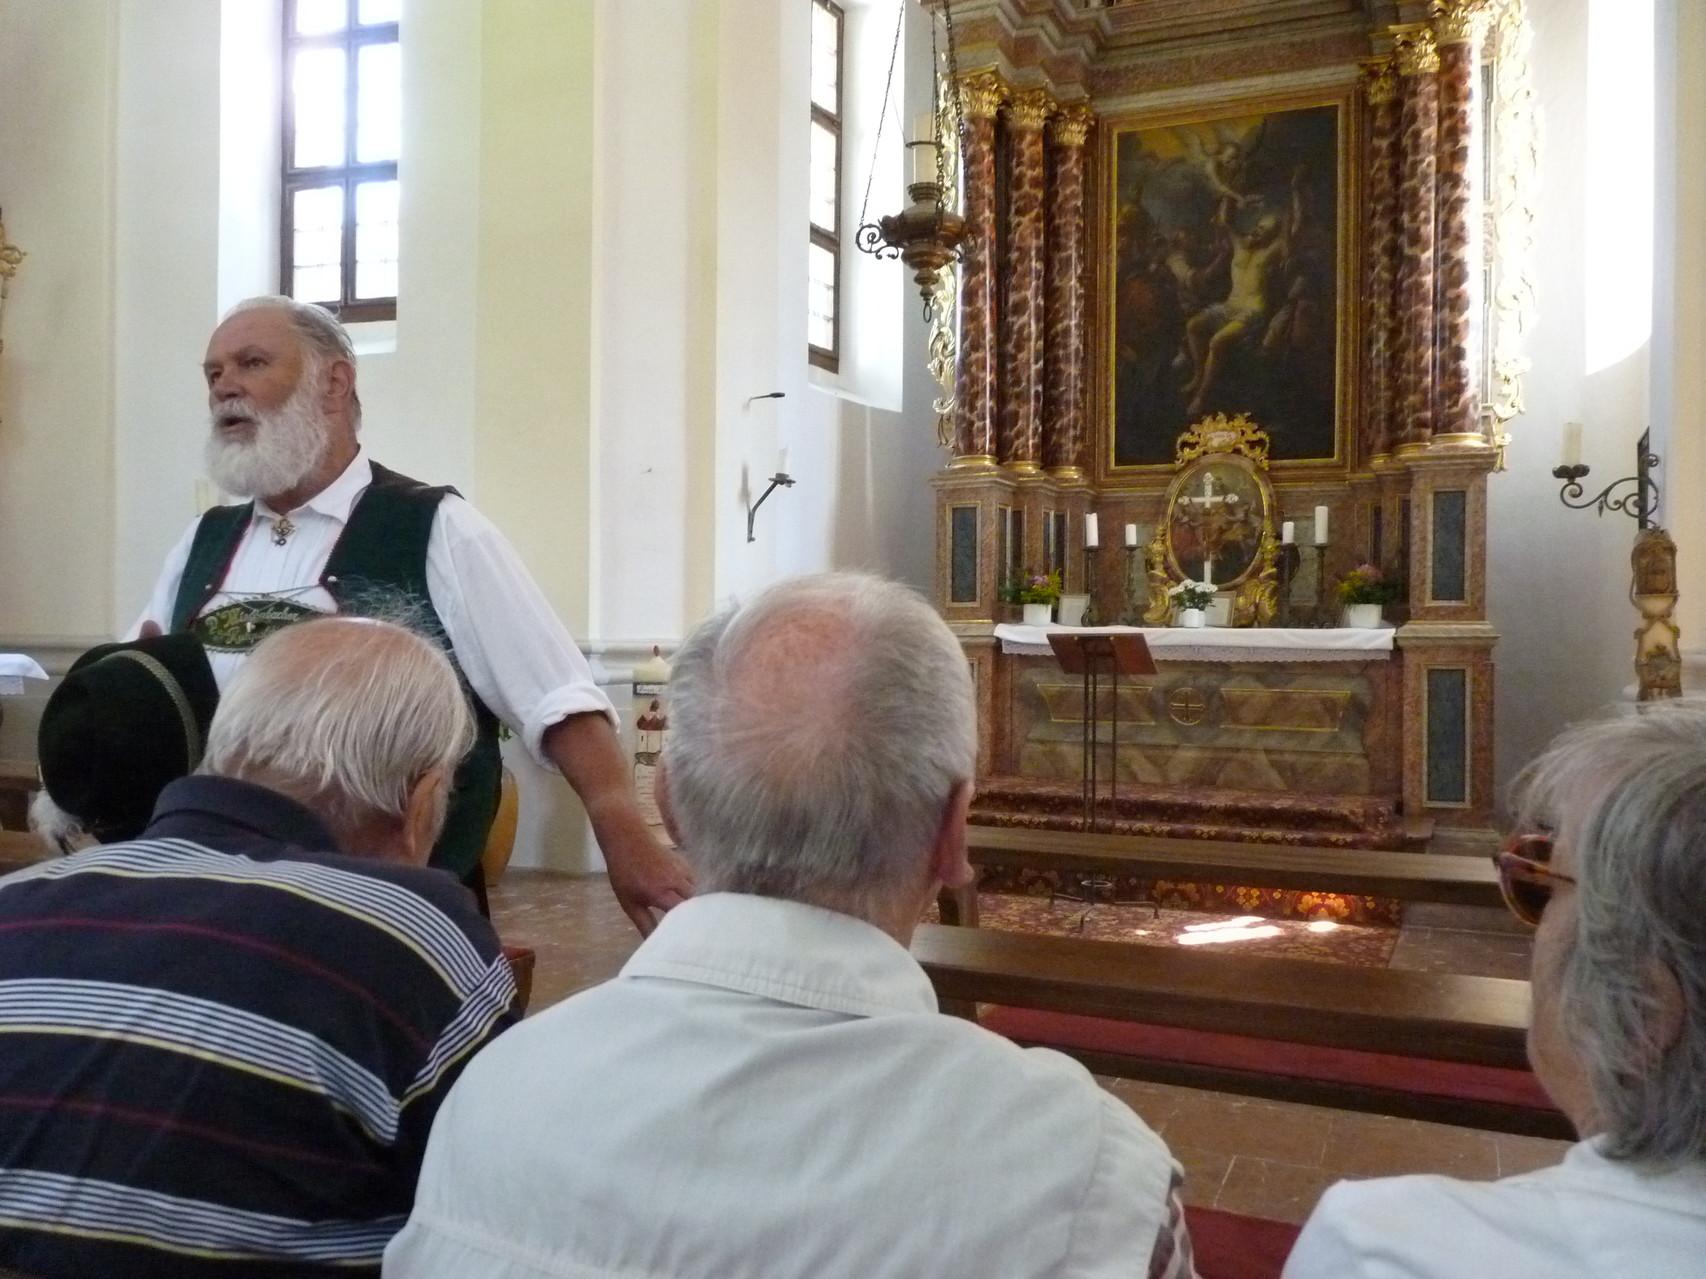 Einiges Wissenswertes über den See und seine Geschichte, vermittelt vom Reiseleiter in der Kirche von St. Bartholomä